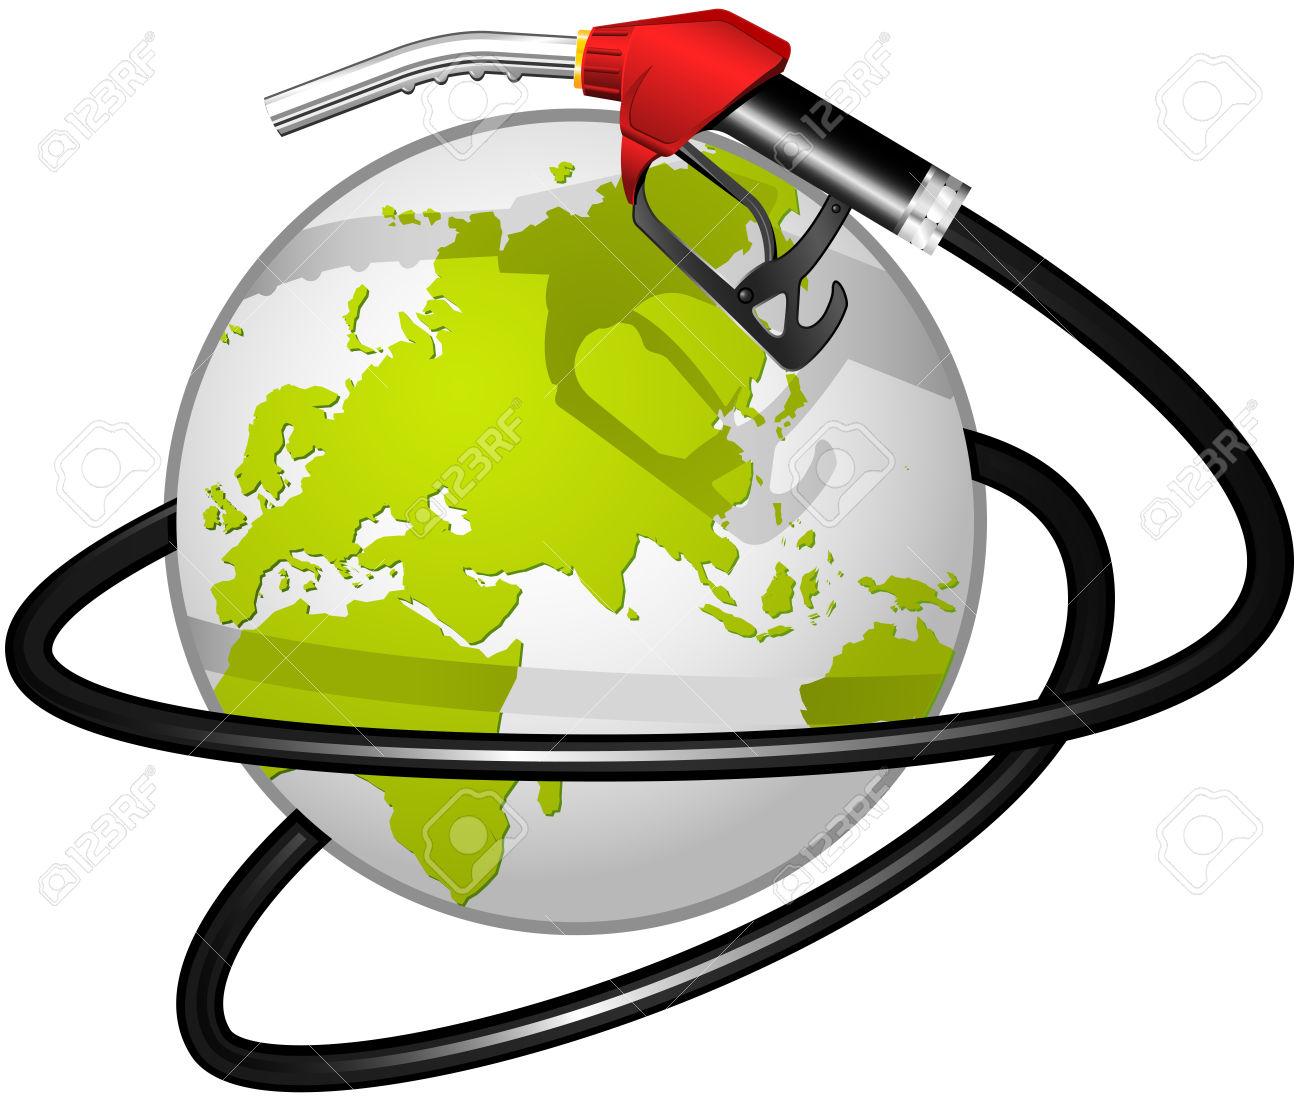 fossil fuel terrestrial globe clipart panda free clipart images rh clipartpanda com Fossil Fuels Diagram No Fossil Fuels